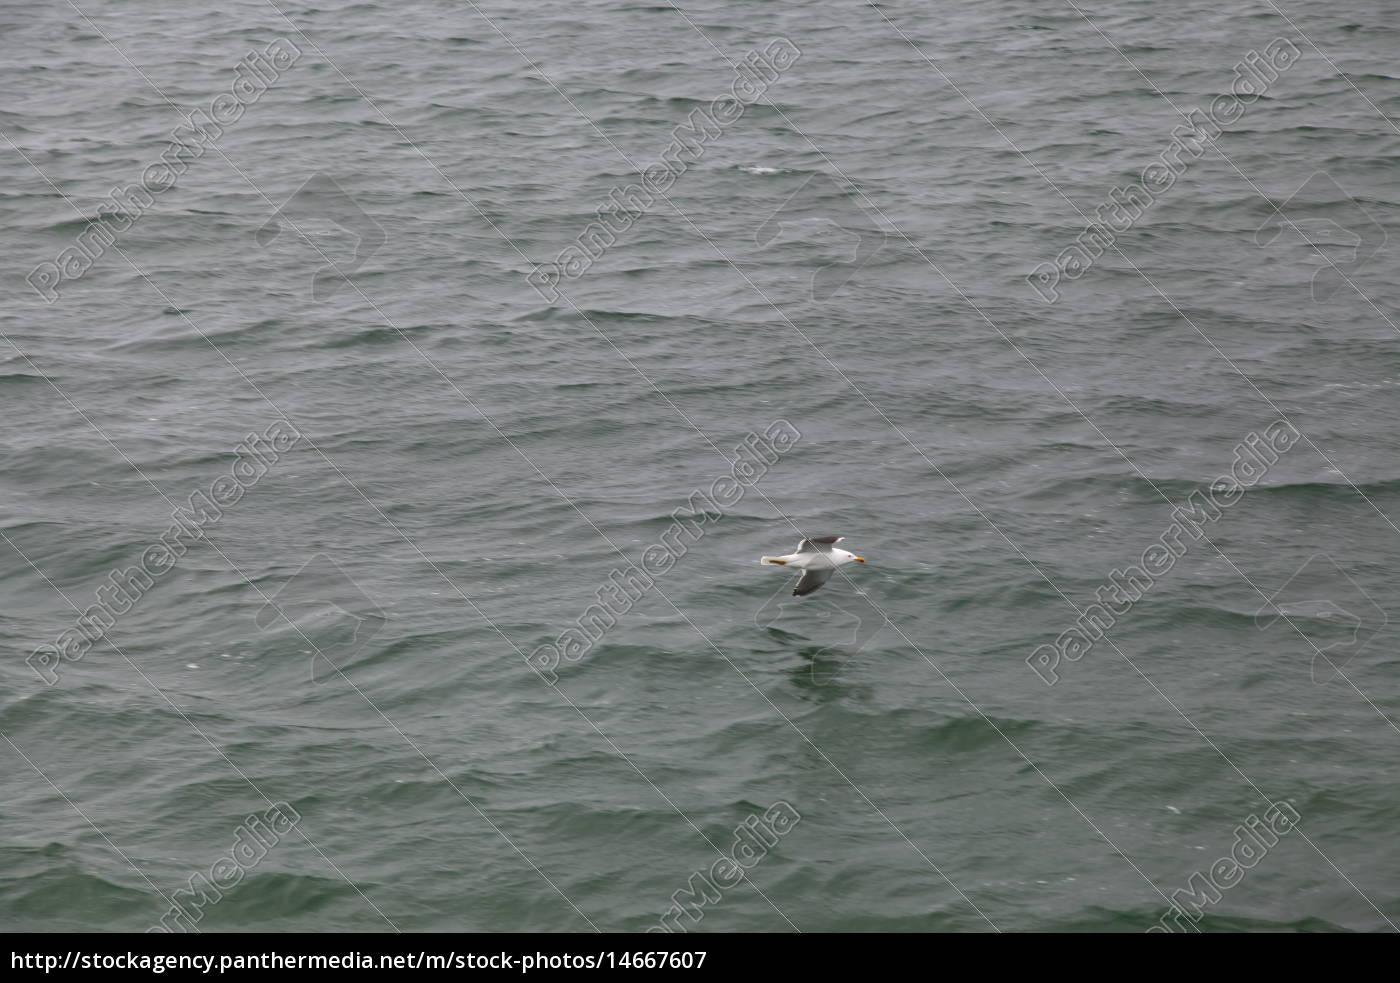 volo, animale, uccello, acqua, mare del nord, acqua salata - 14667607